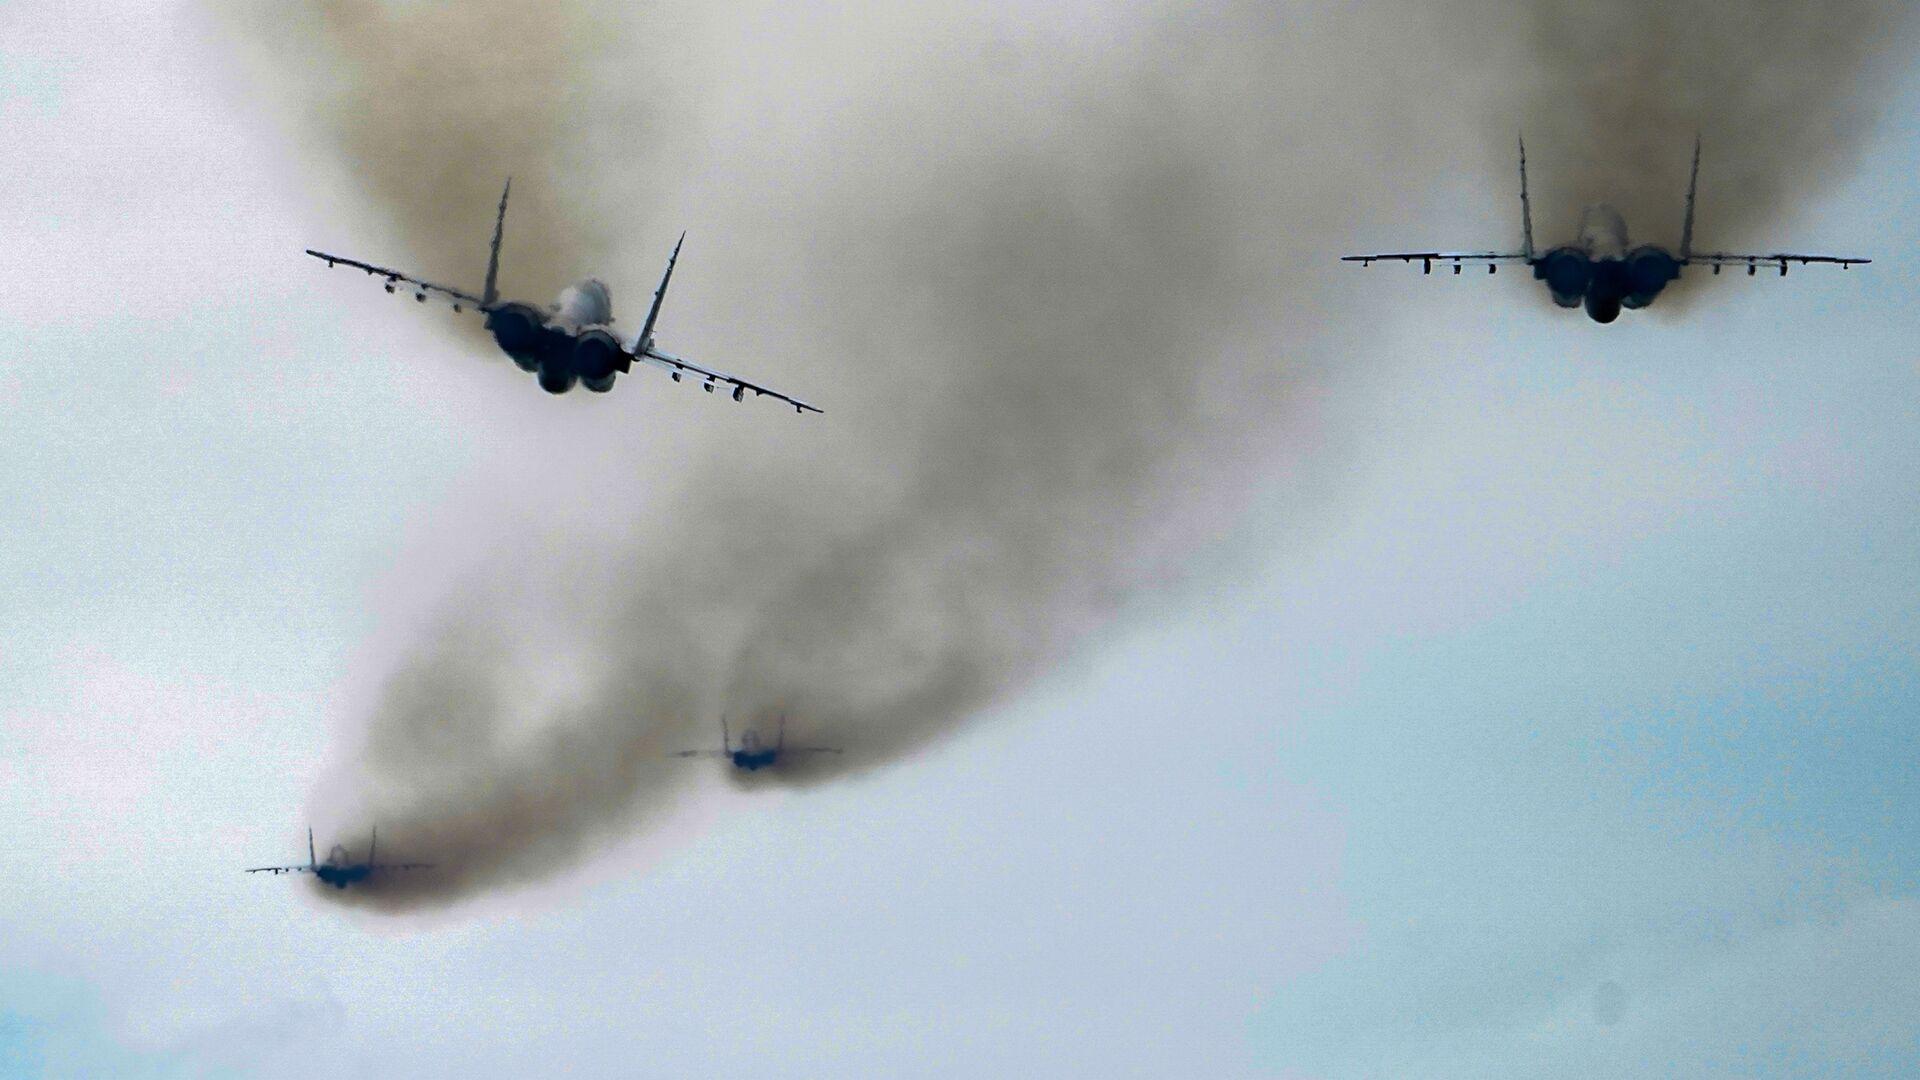 Истребители Су-30СМ пилотажной группы Русские витязи во время репетиции воздушной части парада Победы - Sputnik Таджикистан, 1920, 08.08.2021